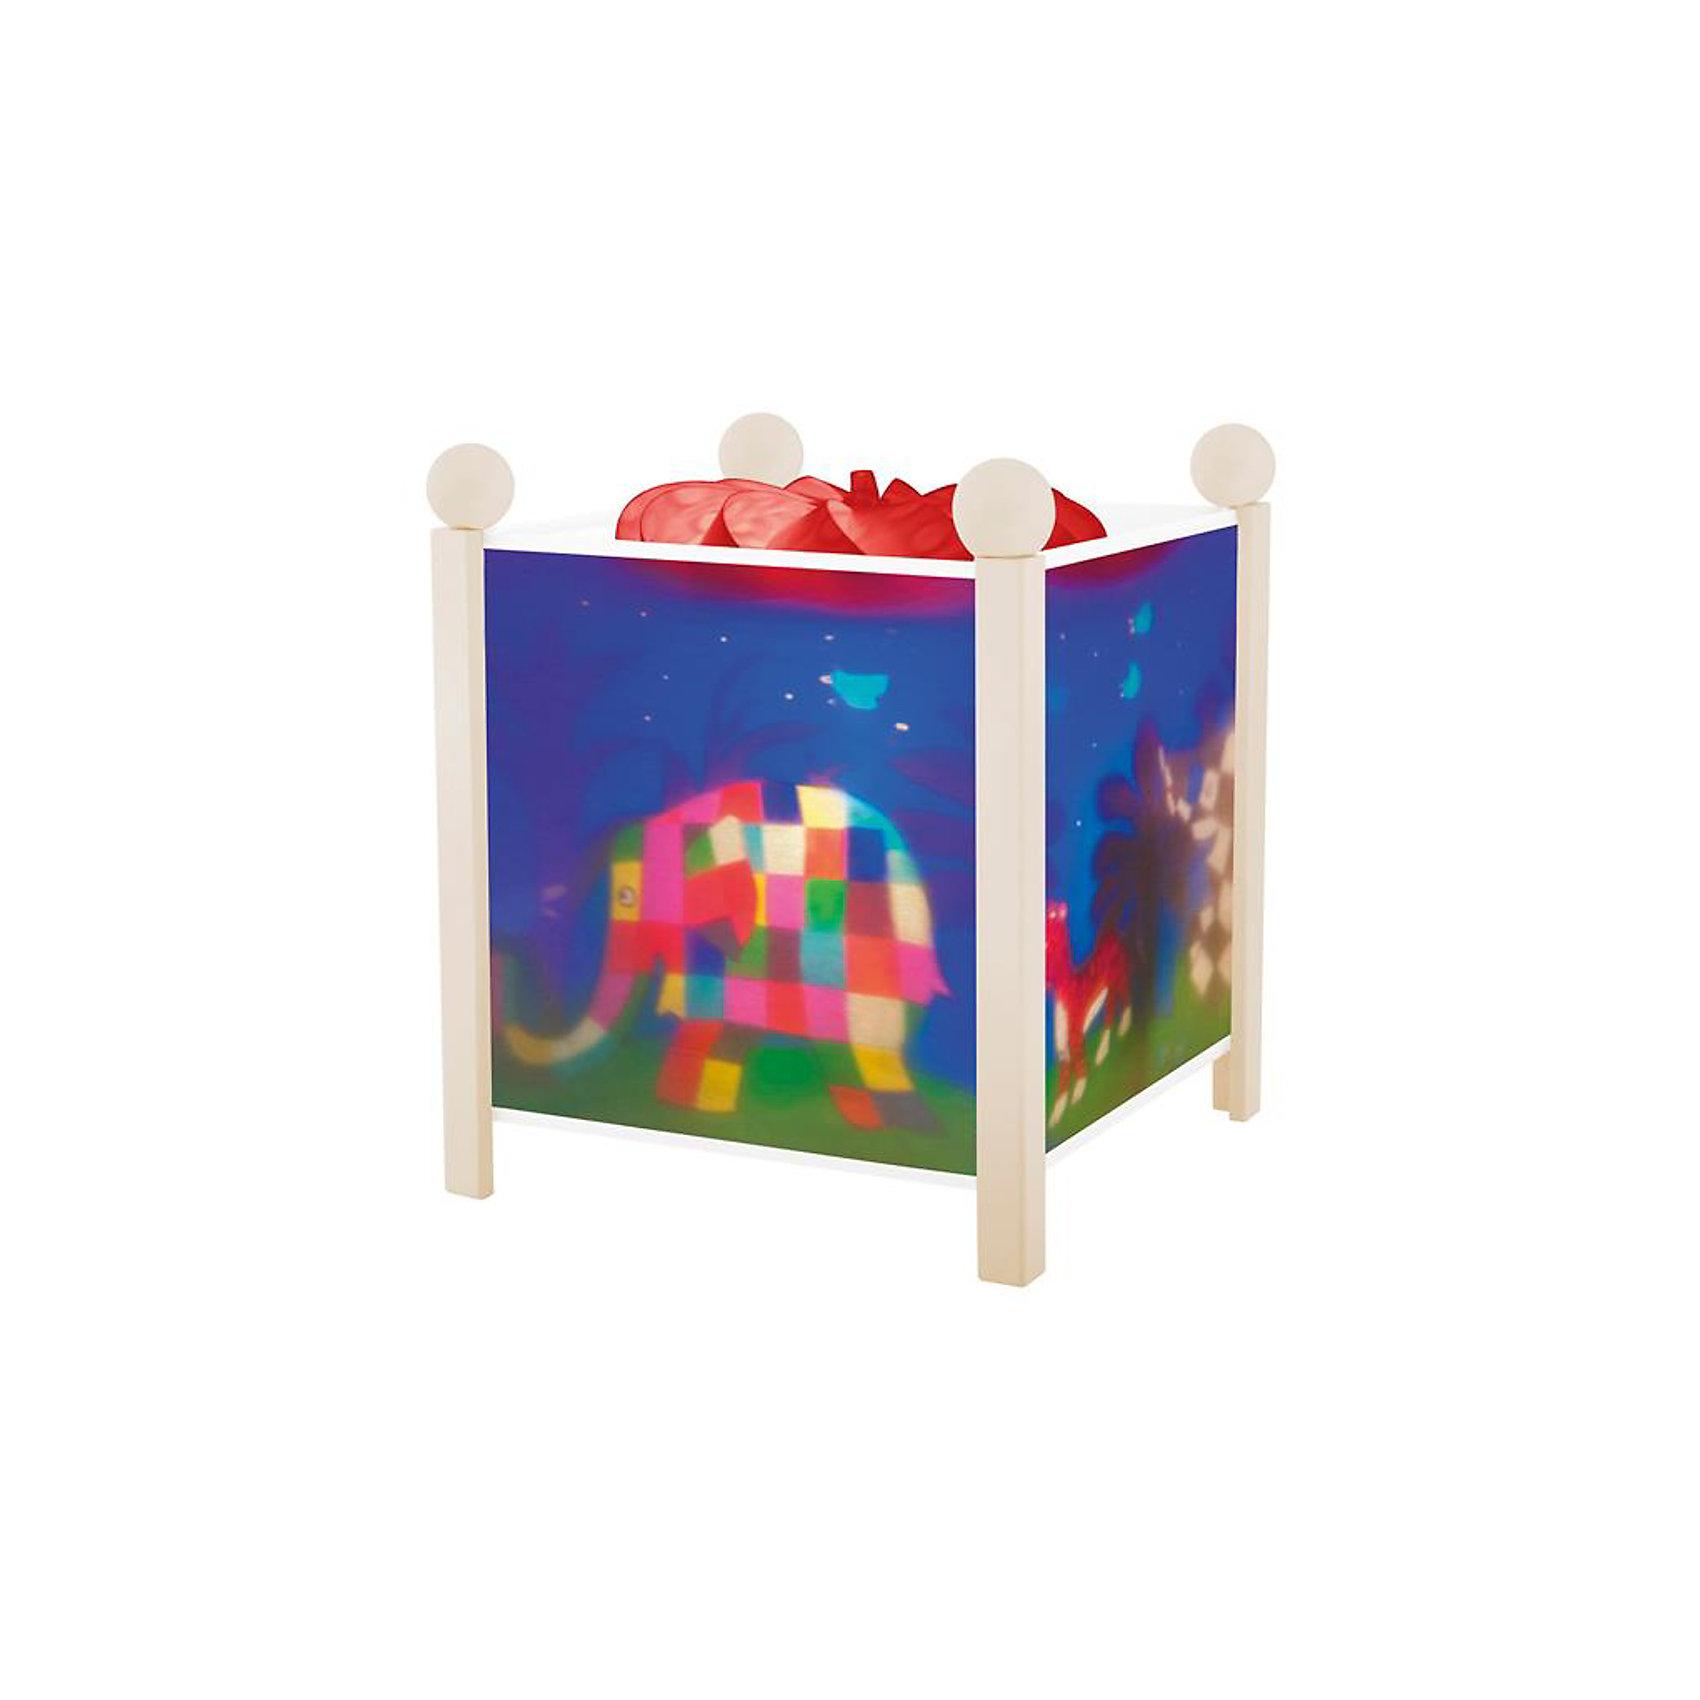 Светильник-ночник Слон Элмер, 12V, TrousselierНочники и проекторы<br>Светильник-ночник Слон Элмер, 12V, Trousselier сделан в виде симпатичной игрушки, которая делает приятным и уютным погружение в сладкий мир сновидений.<br><br>Он светится нежным мягким светом, не раздражающим глазки даже ночью. Внутрь светильника встроен специальный механизм, вращающий цилиндр ночника от тепла лампочки.  Ночник упакован в праздничную коробку, что дает возможность преподнести его в качестве подарка на праздник.<br><br>Дополнительная информация:<br><br>- Цилиндр ночника вращается благодаря  системе нагрева от лампочки 12 V 20 W, розетка E 14.C. <br>- Размер: 16,50 см x 19 см. <br>- Материал: металлический корпус, деревянные ножки и углы, пластиковый, жароустойчивый цилиндр.<br>- Вес: 1037 г<br>- Поставляется в подарочной упаковке.<br>Соответствует нормам безопасности: CE EN 60598-2-10<br><br>Светильник-ночник Слон Элмер, 12V, Trousselier можно купить в нашем магазине.<br><br>Ширина мм: 160<br>Глубина мм: 160<br>Высота мм: 190<br>Вес г: 1037<br>Возраст от месяцев: 36<br>Возраст до месяцев: 144<br>Пол: Унисекс<br>Возраст: Детский<br>SKU: 3807748